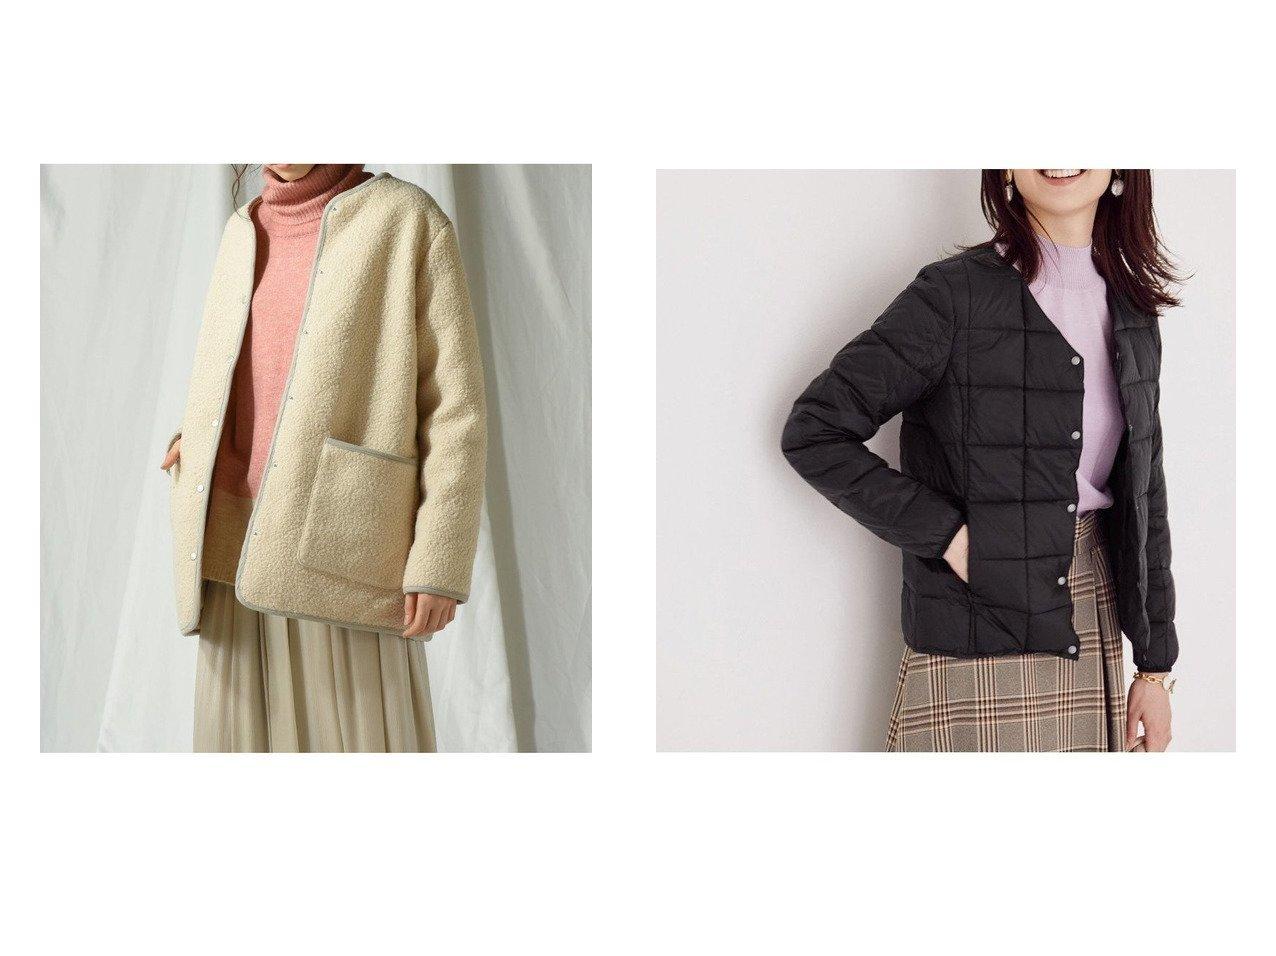 【MAYSON GREY/メイソングレイ】のボアキルトリバーシブルジャケット&【ROPE/ロペ】の【撥水】【TAION】Vネックコンパクトインナーダウン アウターのおすすめ!人気、レディースファッションの通販 おすすめで人気のファッション通販商品 インテリア・家具・キッズファッション・メンズファッション・レディースファッション・服の通販 founy(ファニー) https://founy.com/ ファッション Fashion レディース WOMEN アウター Coat Outerwear コート Coats ジャケット Jackets テーラードジャケット Tailored Jackets ブルゾン Blouson Jackets キルティング コーデュロイ ジャケット タフタ バランス パイピング ミドル インナー エレガント コンパクト ダウン ブルゾン ベーシック |ID:crp329100000002896